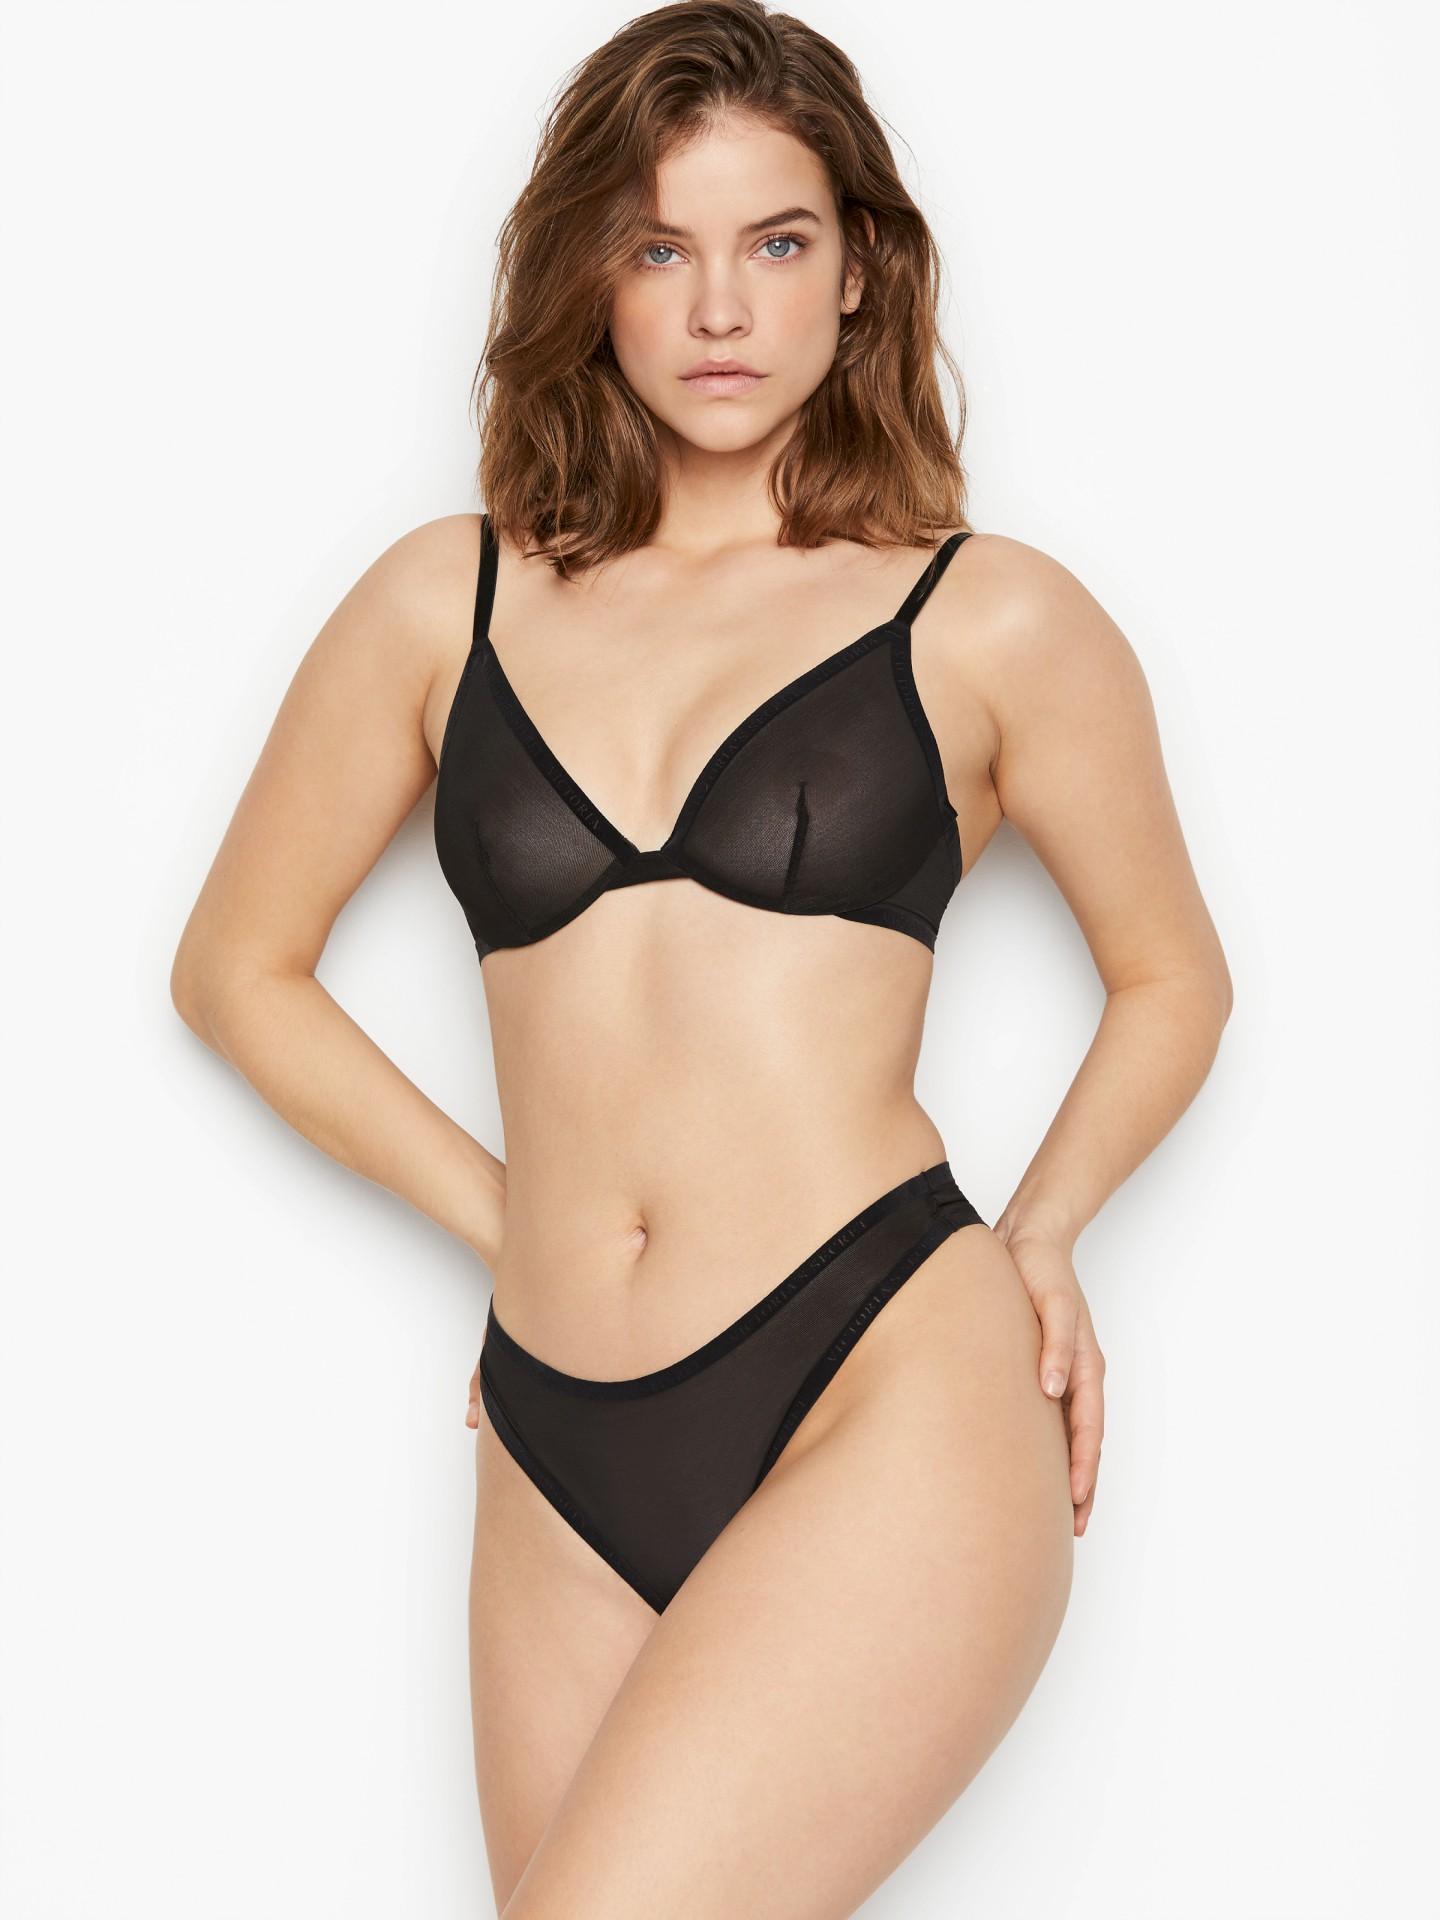 Barbara Palvin Hot Body In Lingerie